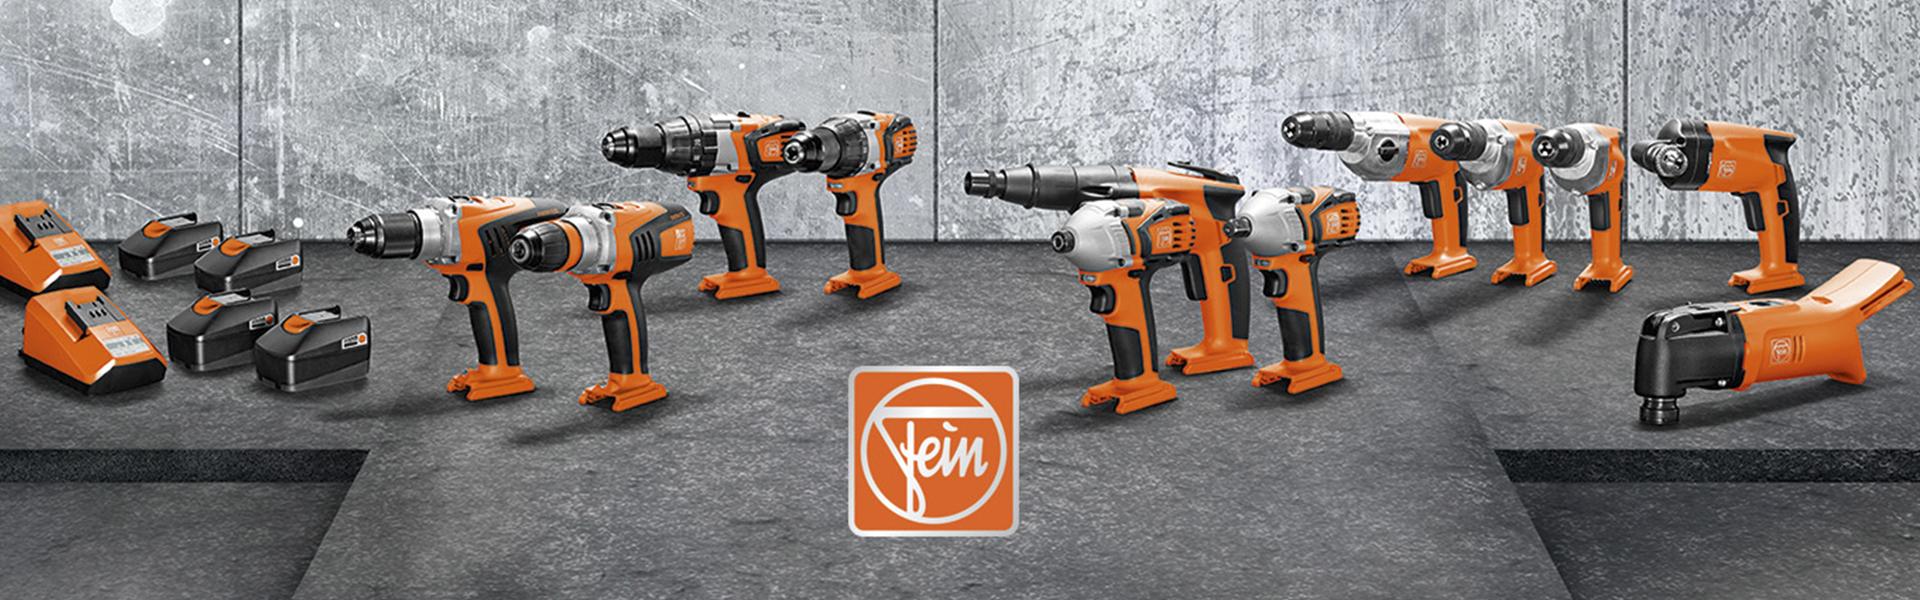 Suministros industriales en Cantabria I Distribuidor de herramientas en Cantabria - Work Ove